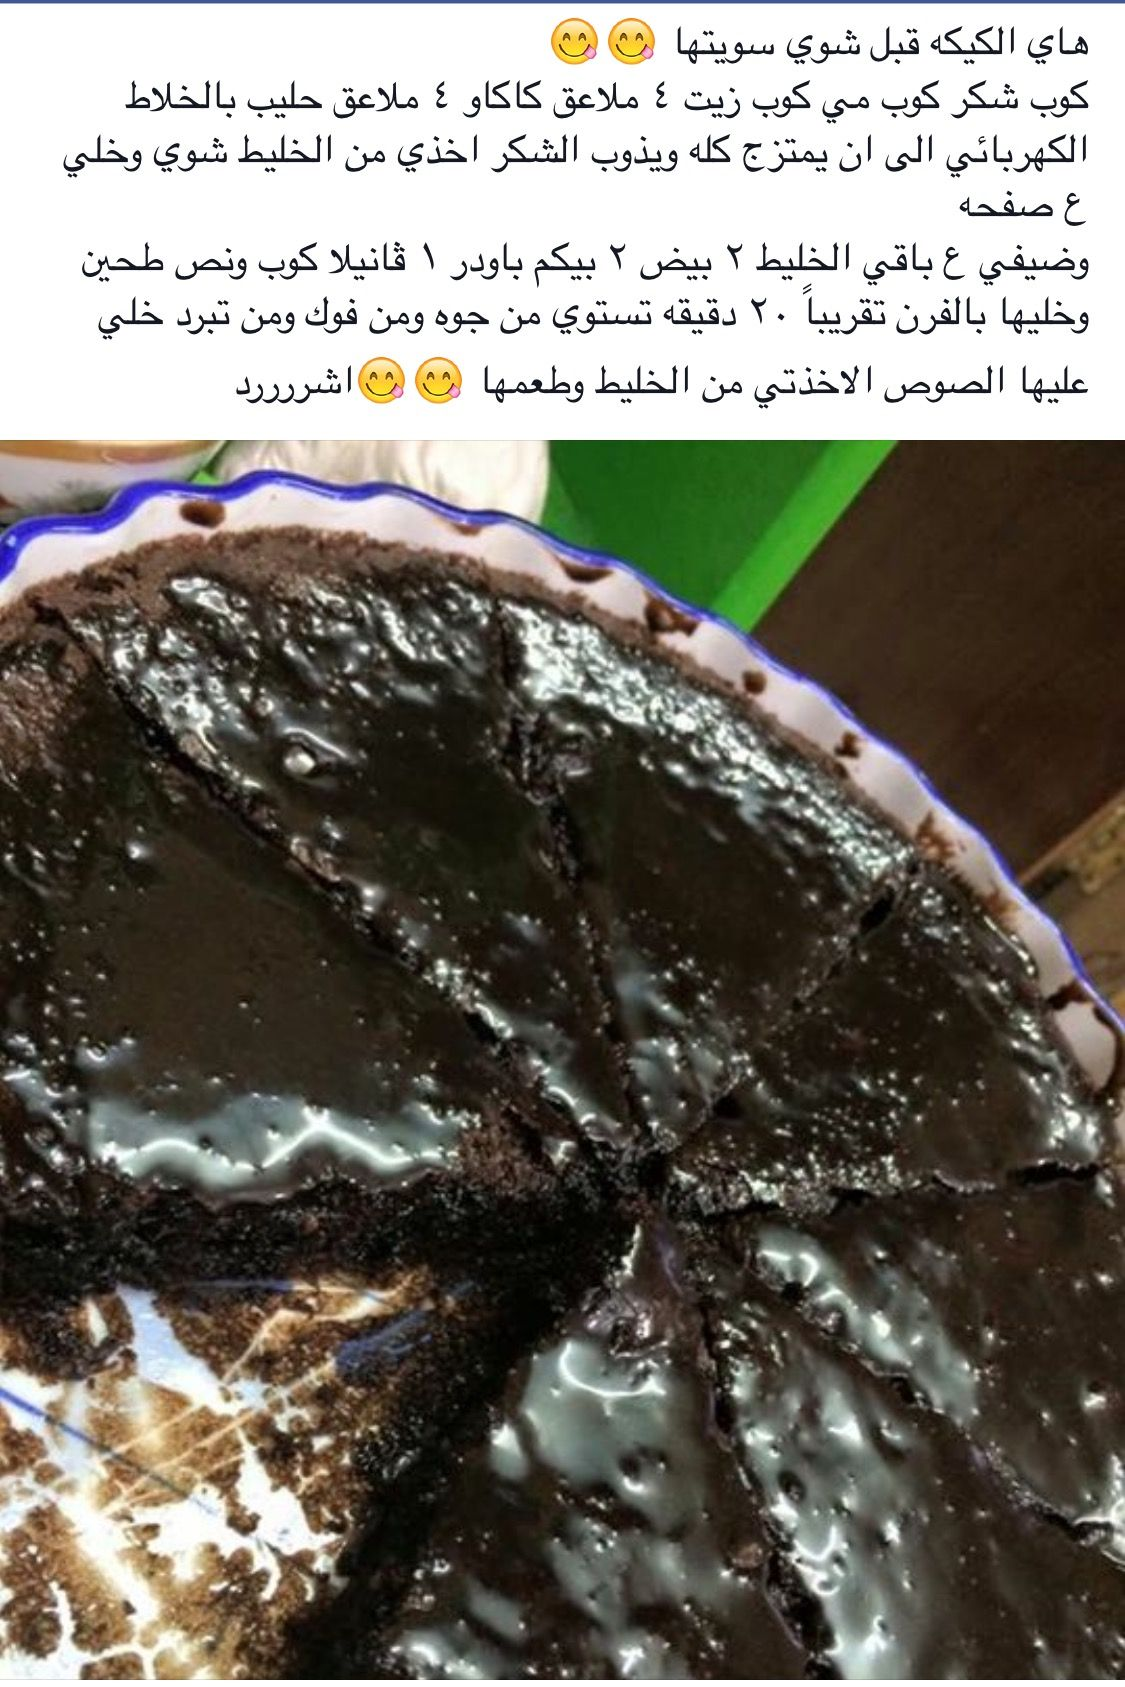 شوكلت كيك Chocolate Cake Food Chocolate